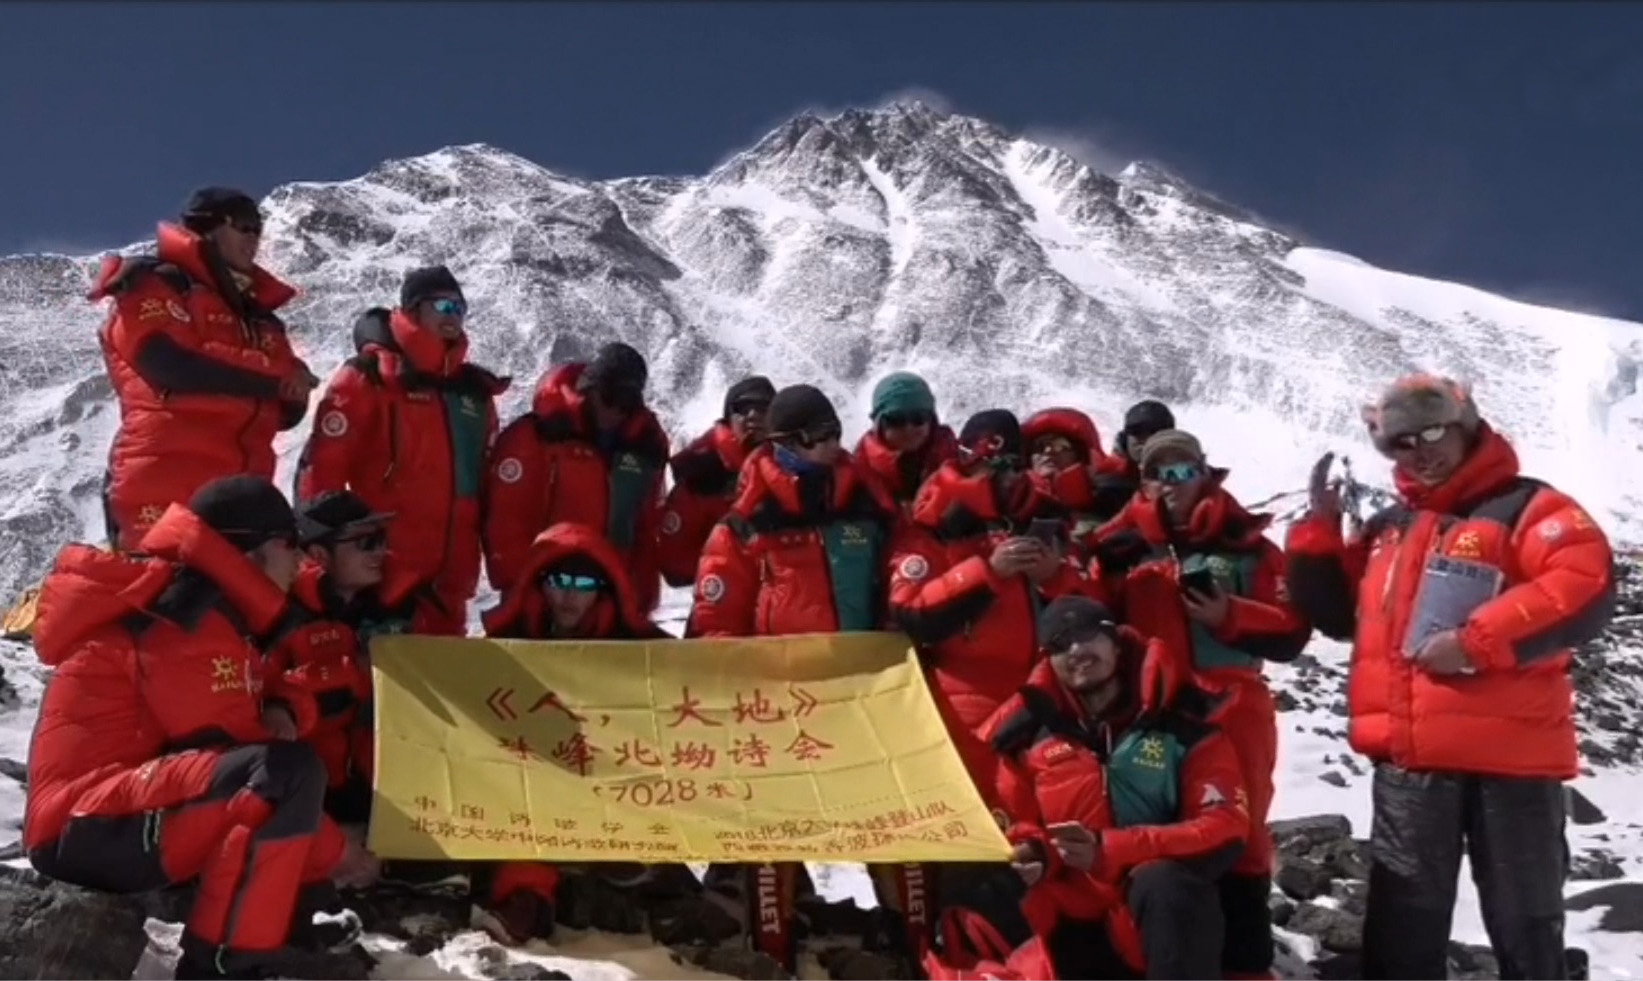 海拔6500米的《珠峰诗会》